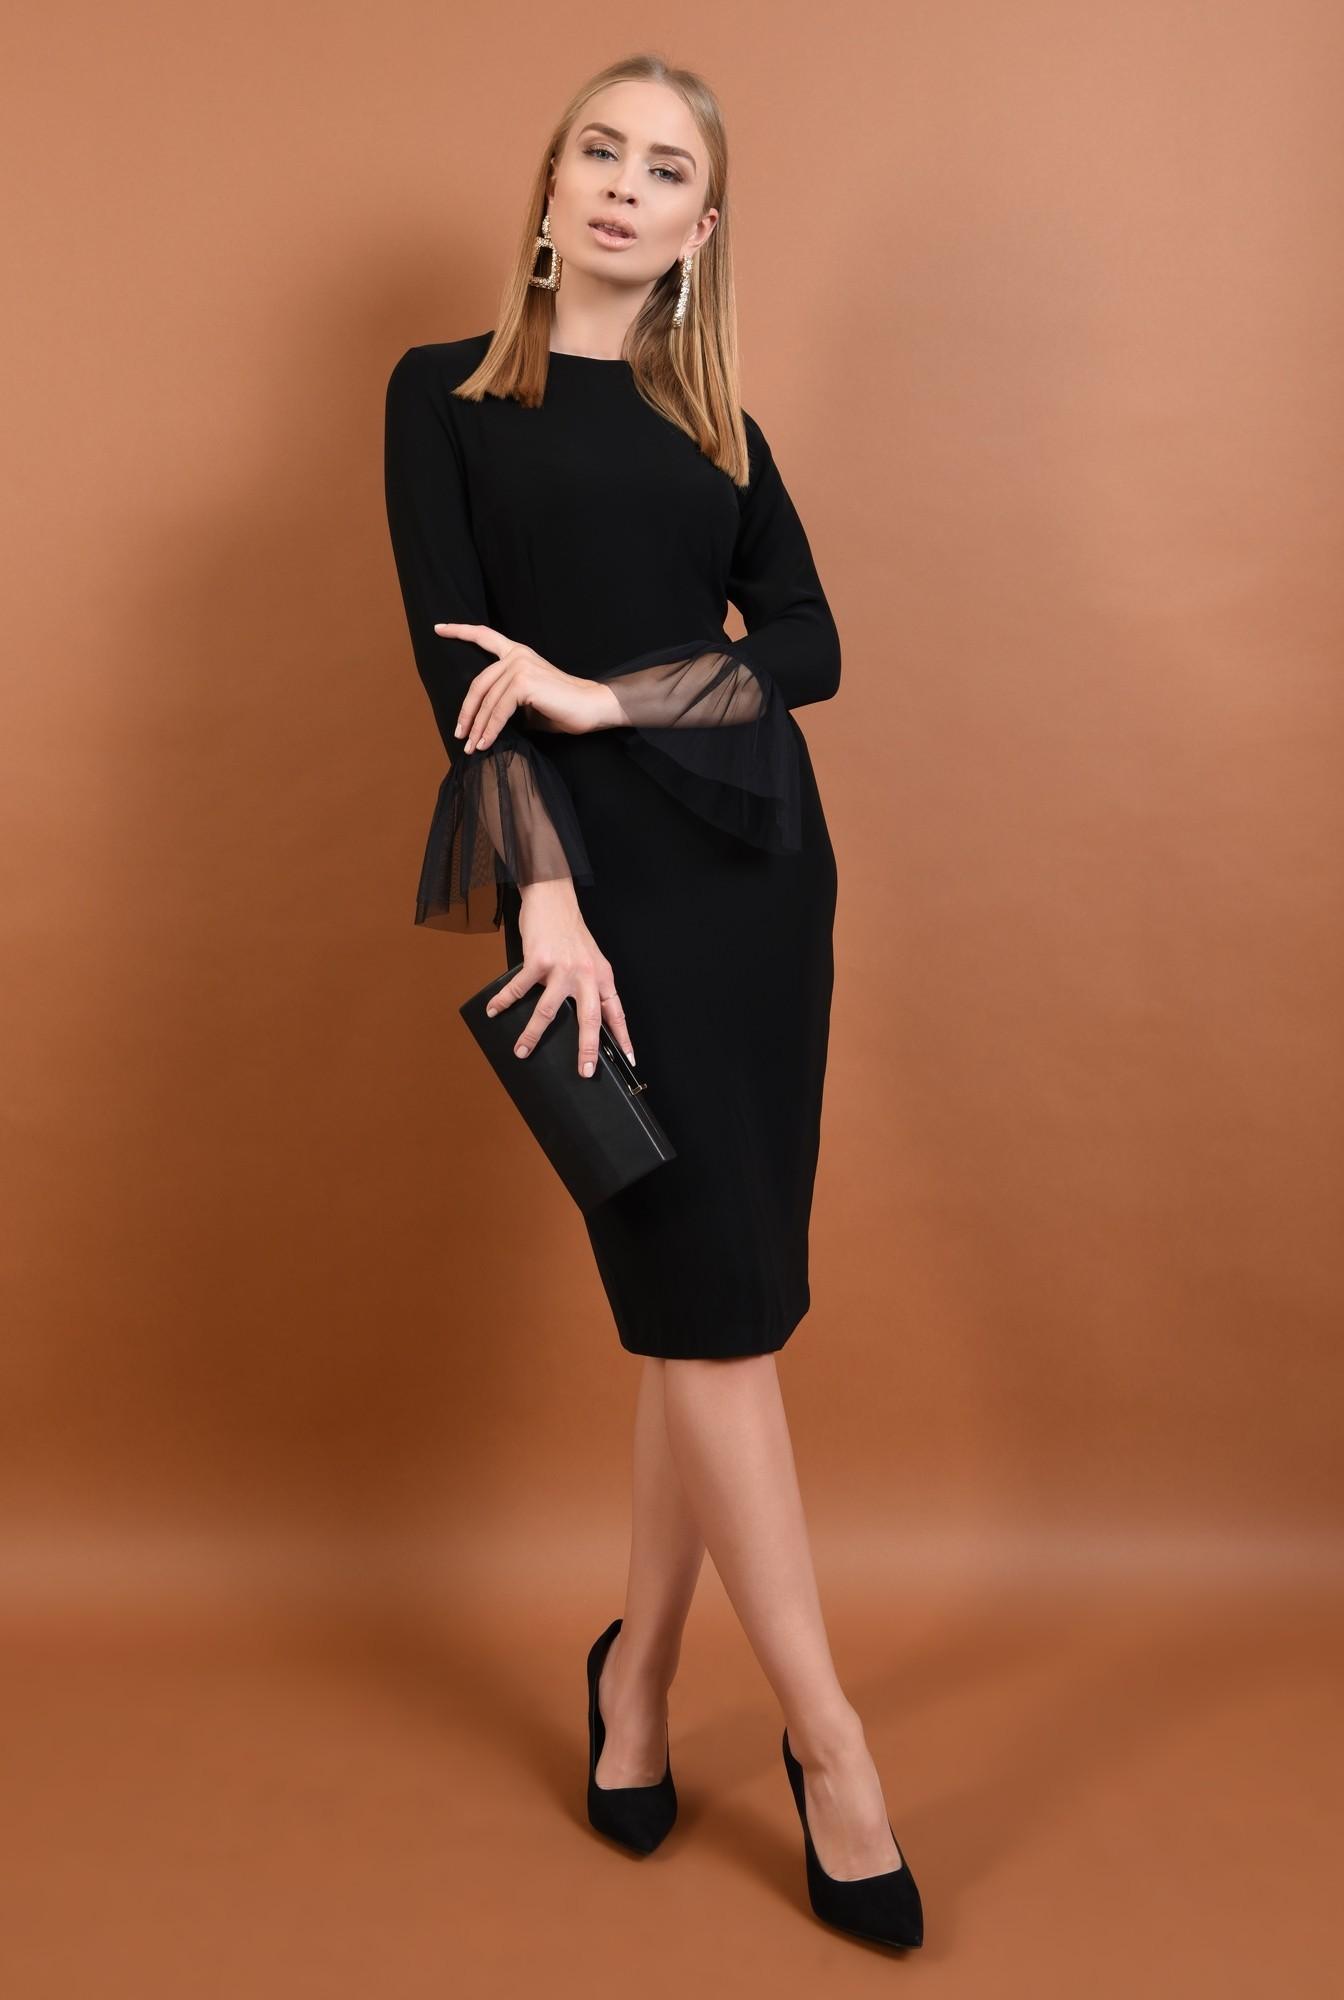 3 - 360 - rochie eleganta, bodycon, mansete transparente, rochii online, tul